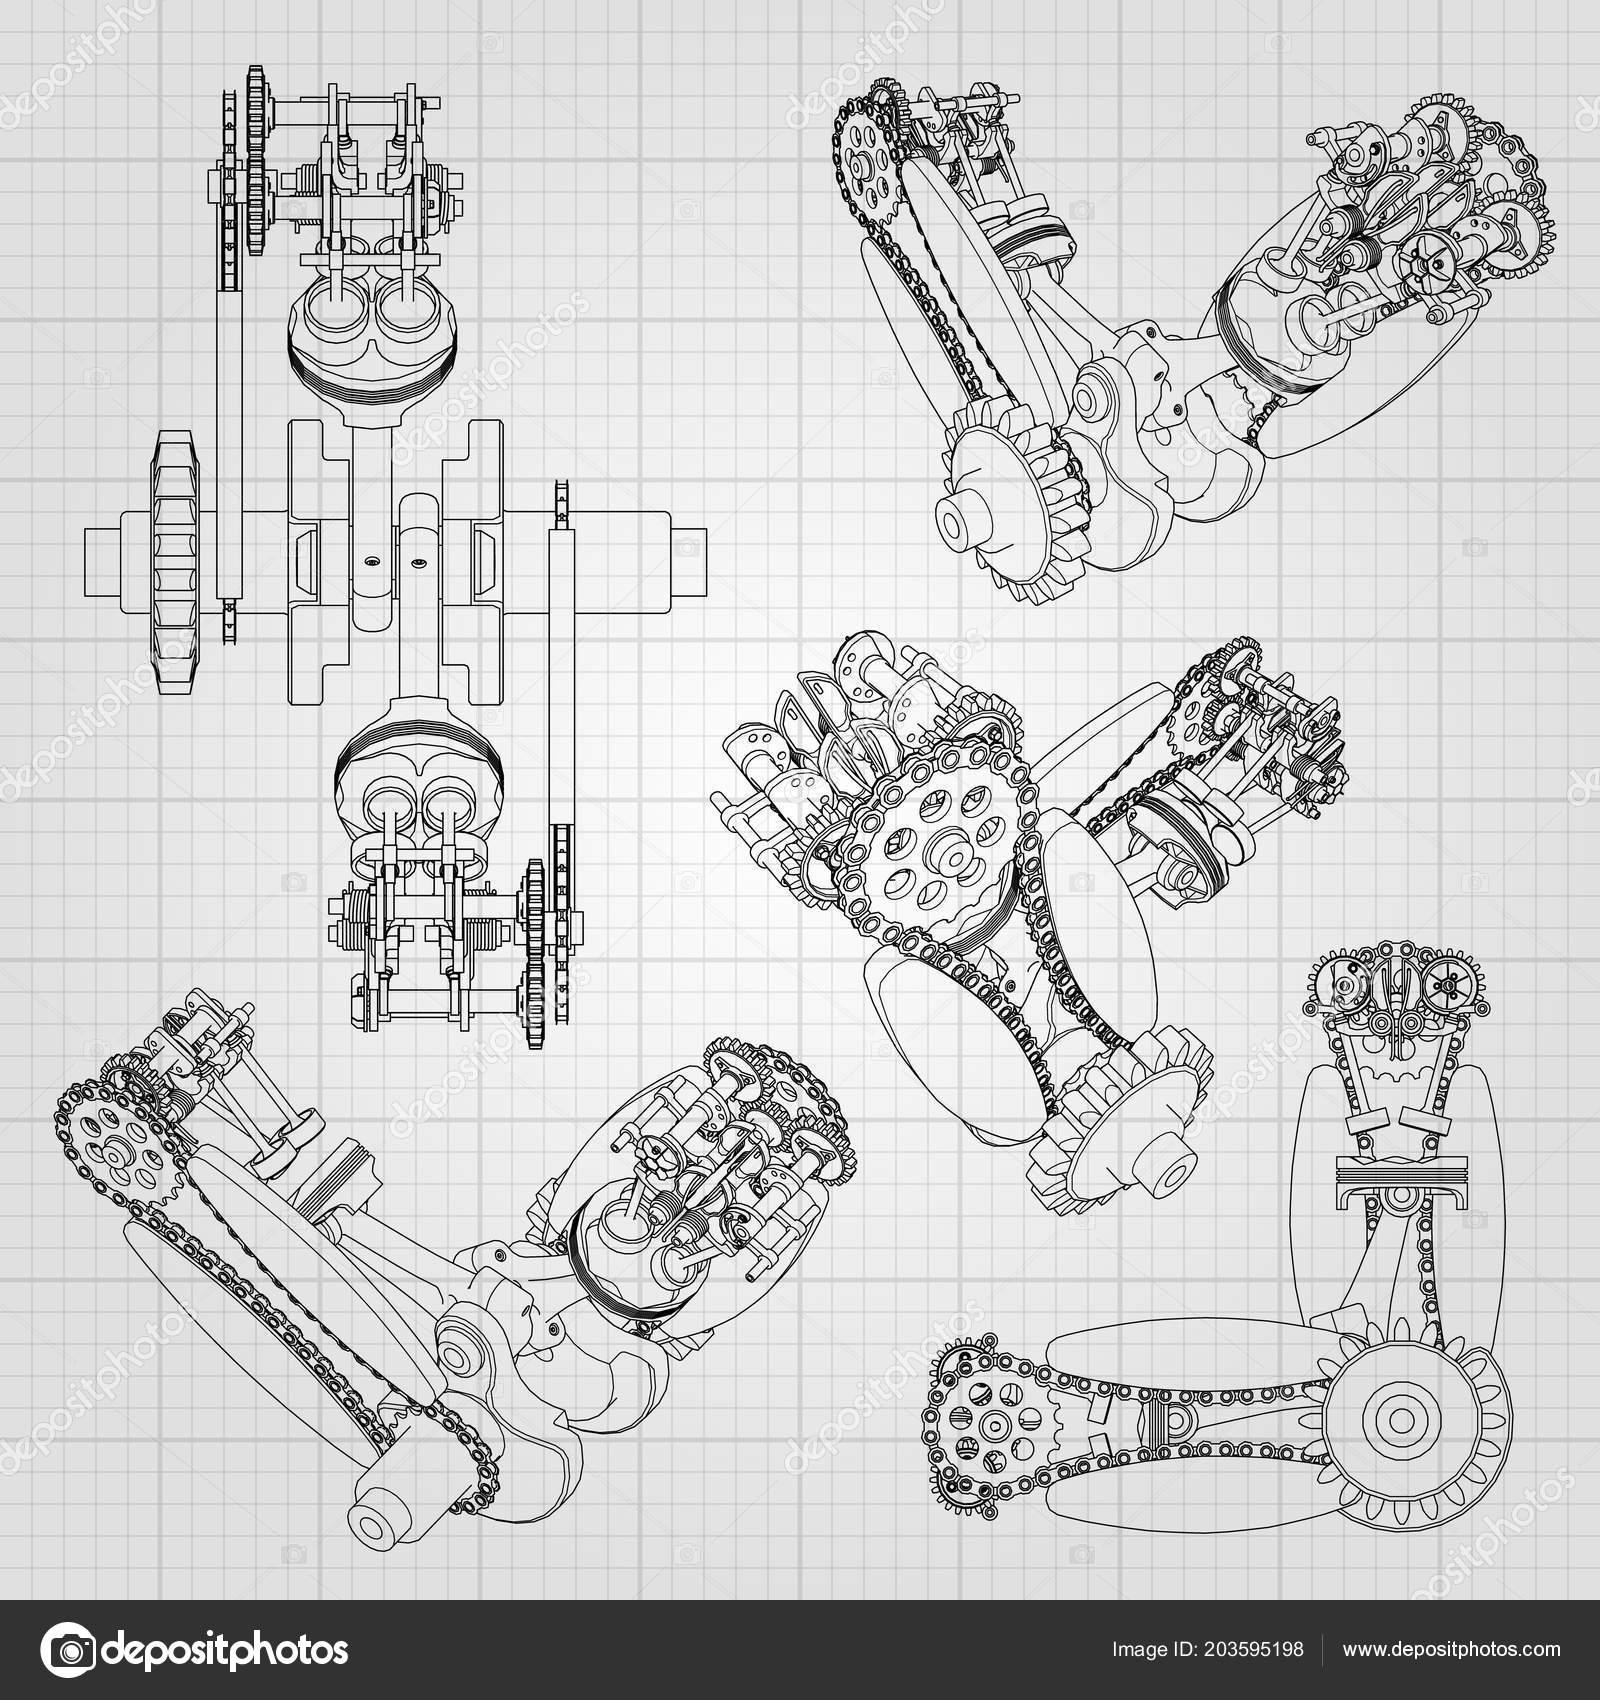 Motoru Ruzne Komponenty Pisty Retezy Trysky Ventily Jsou Znazorneny